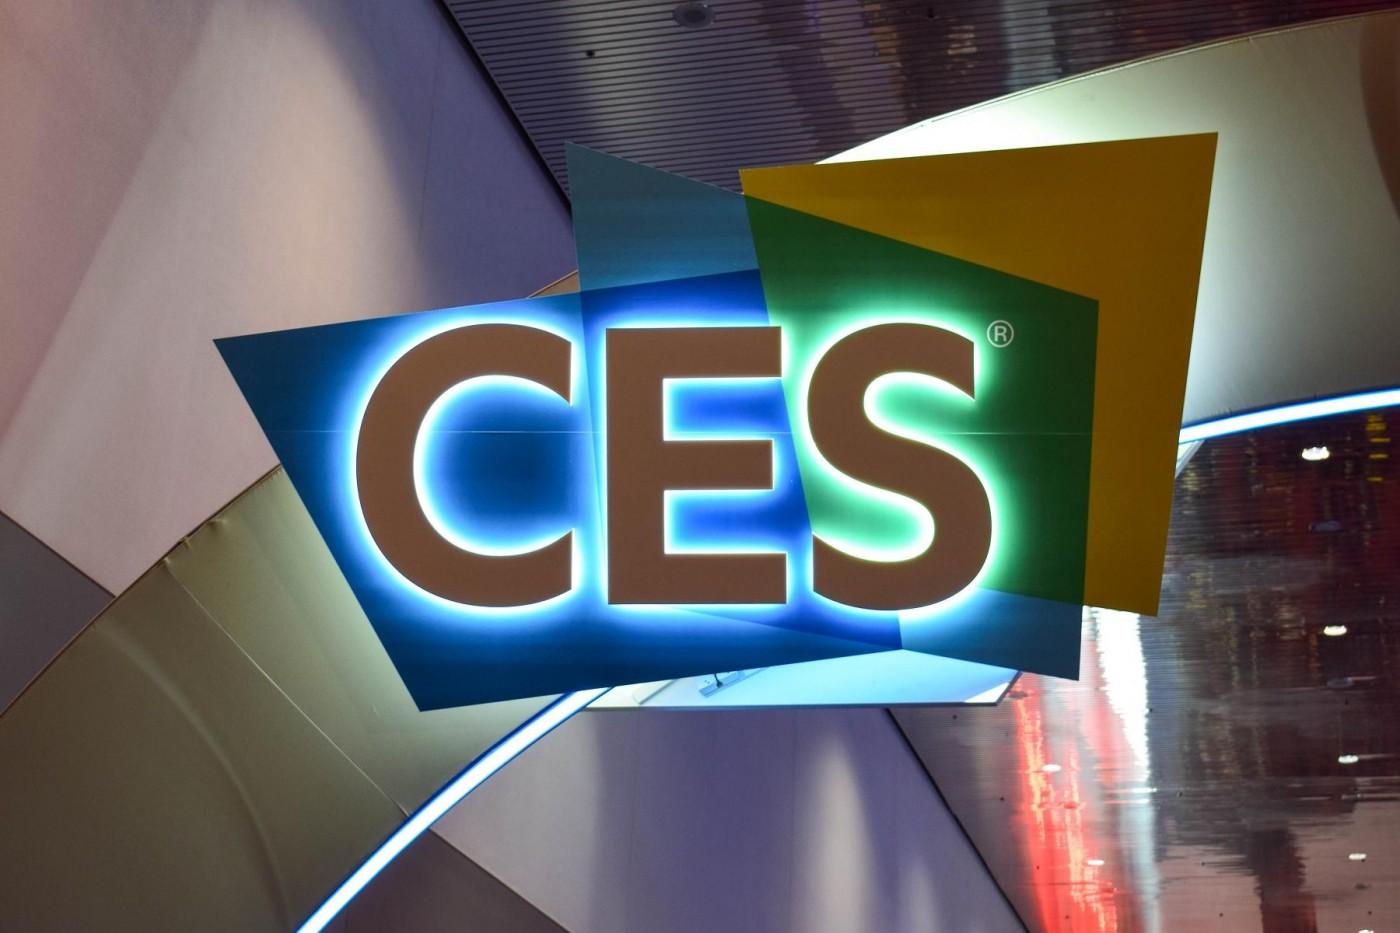 【CES2020】CES官方揭5大趨勢,智聯網、5G落地、串流大戰來了!